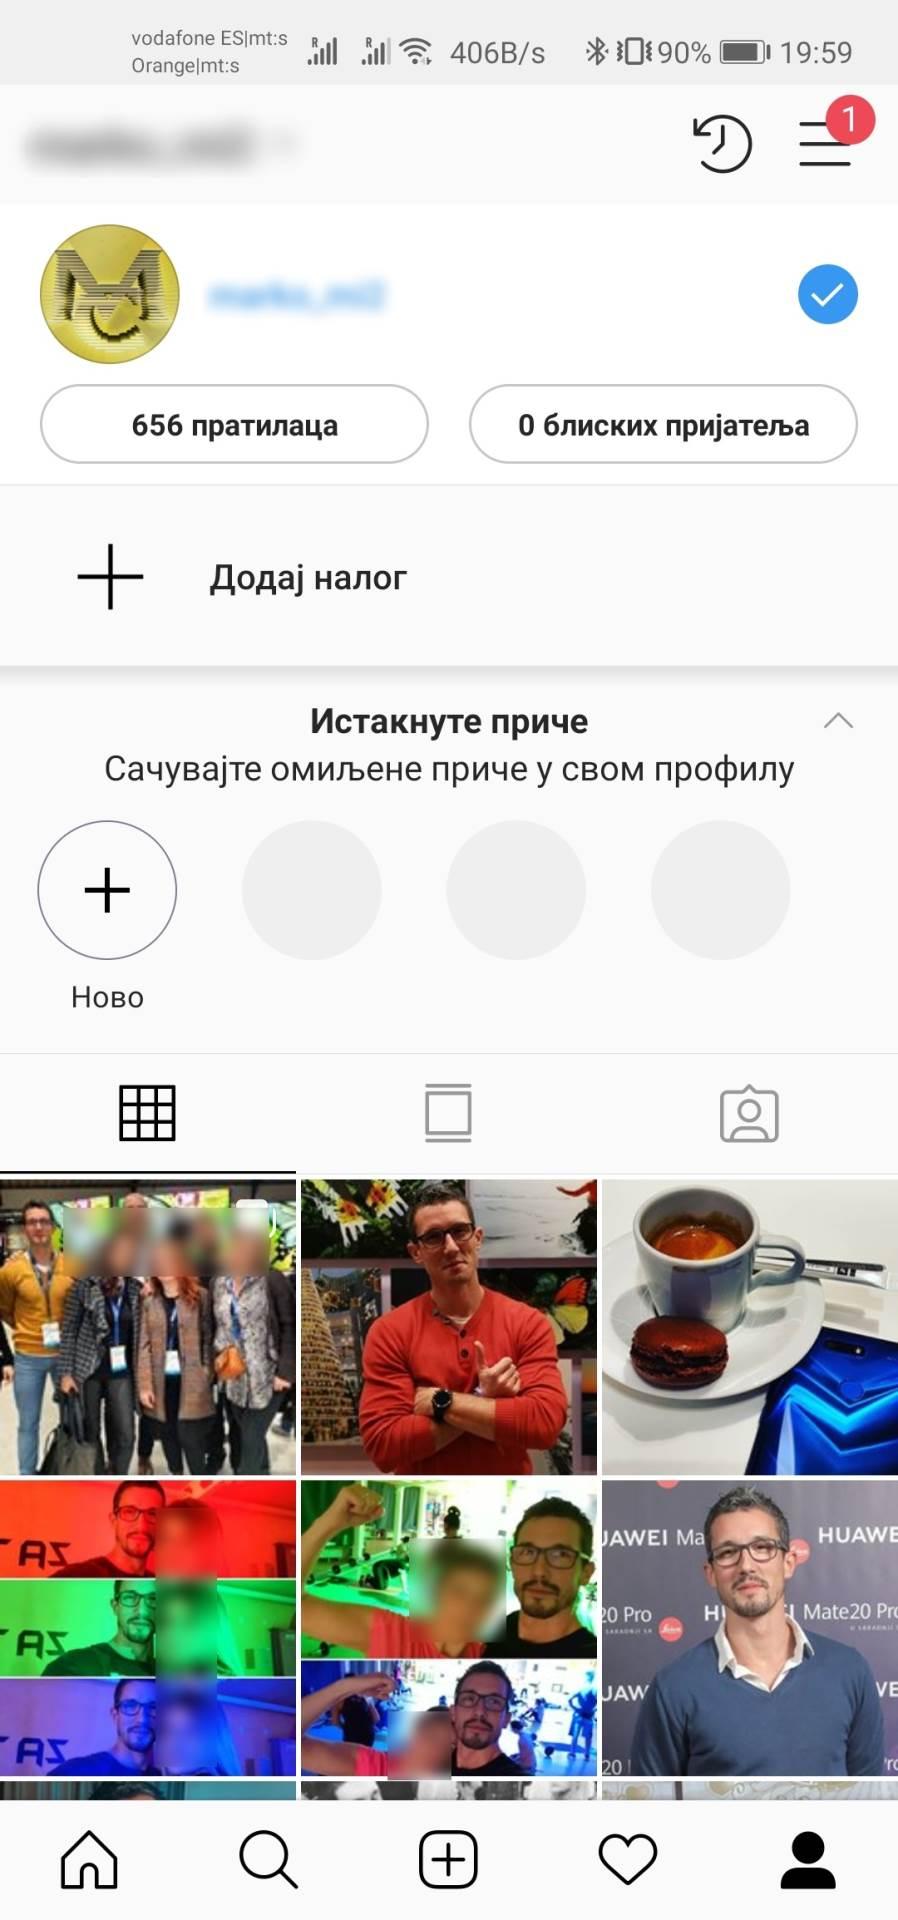 Kompromitovan Instagram - menjajte lozinke!